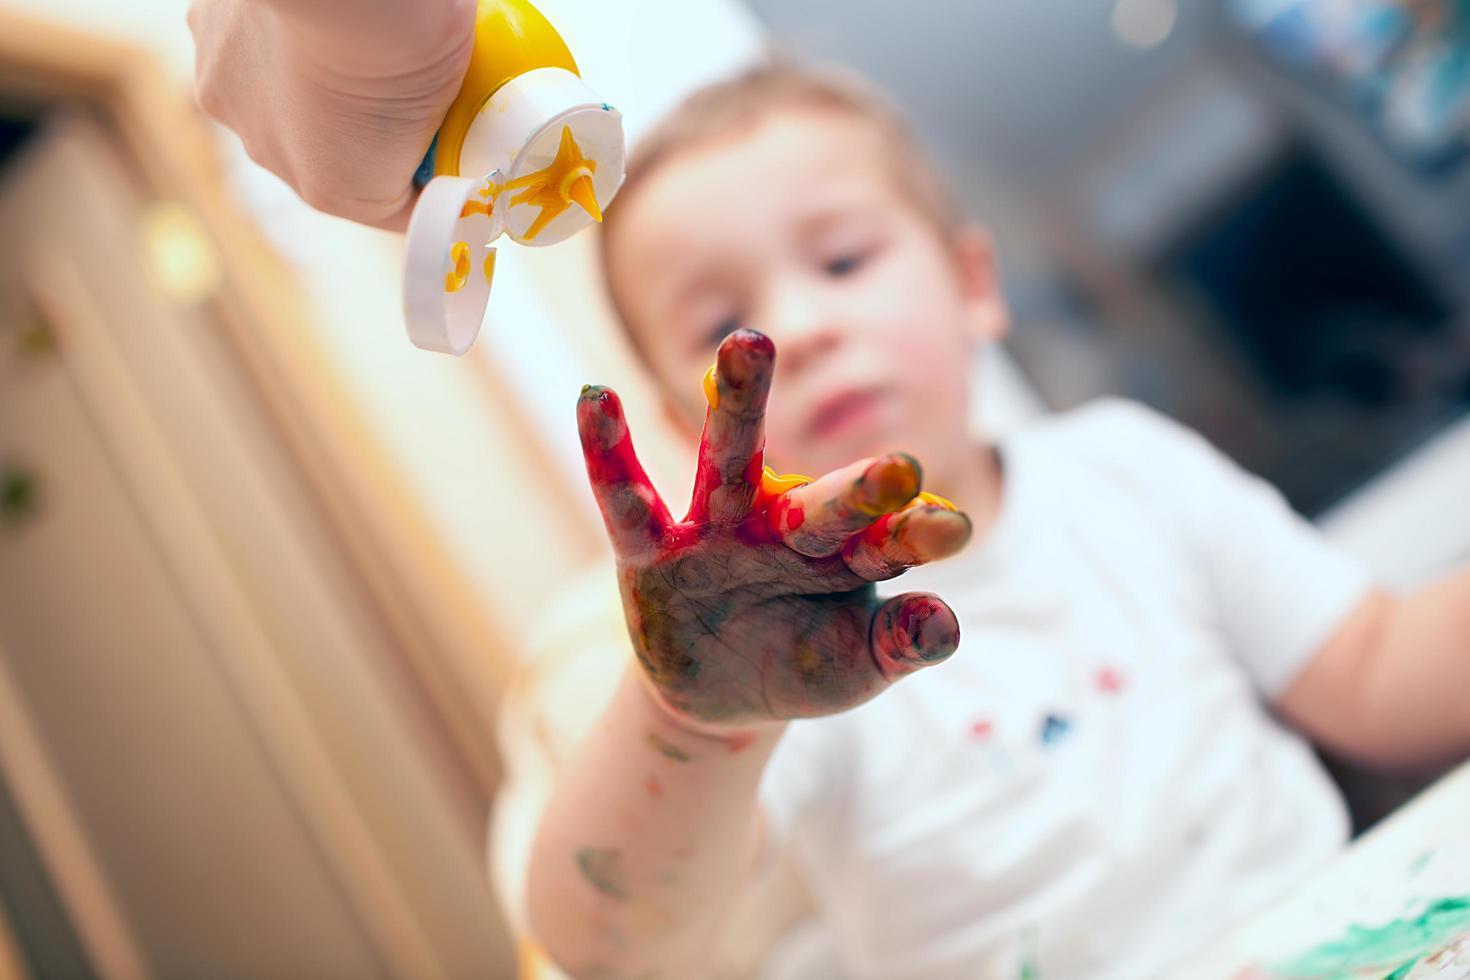 peinture au doigt garçon photo